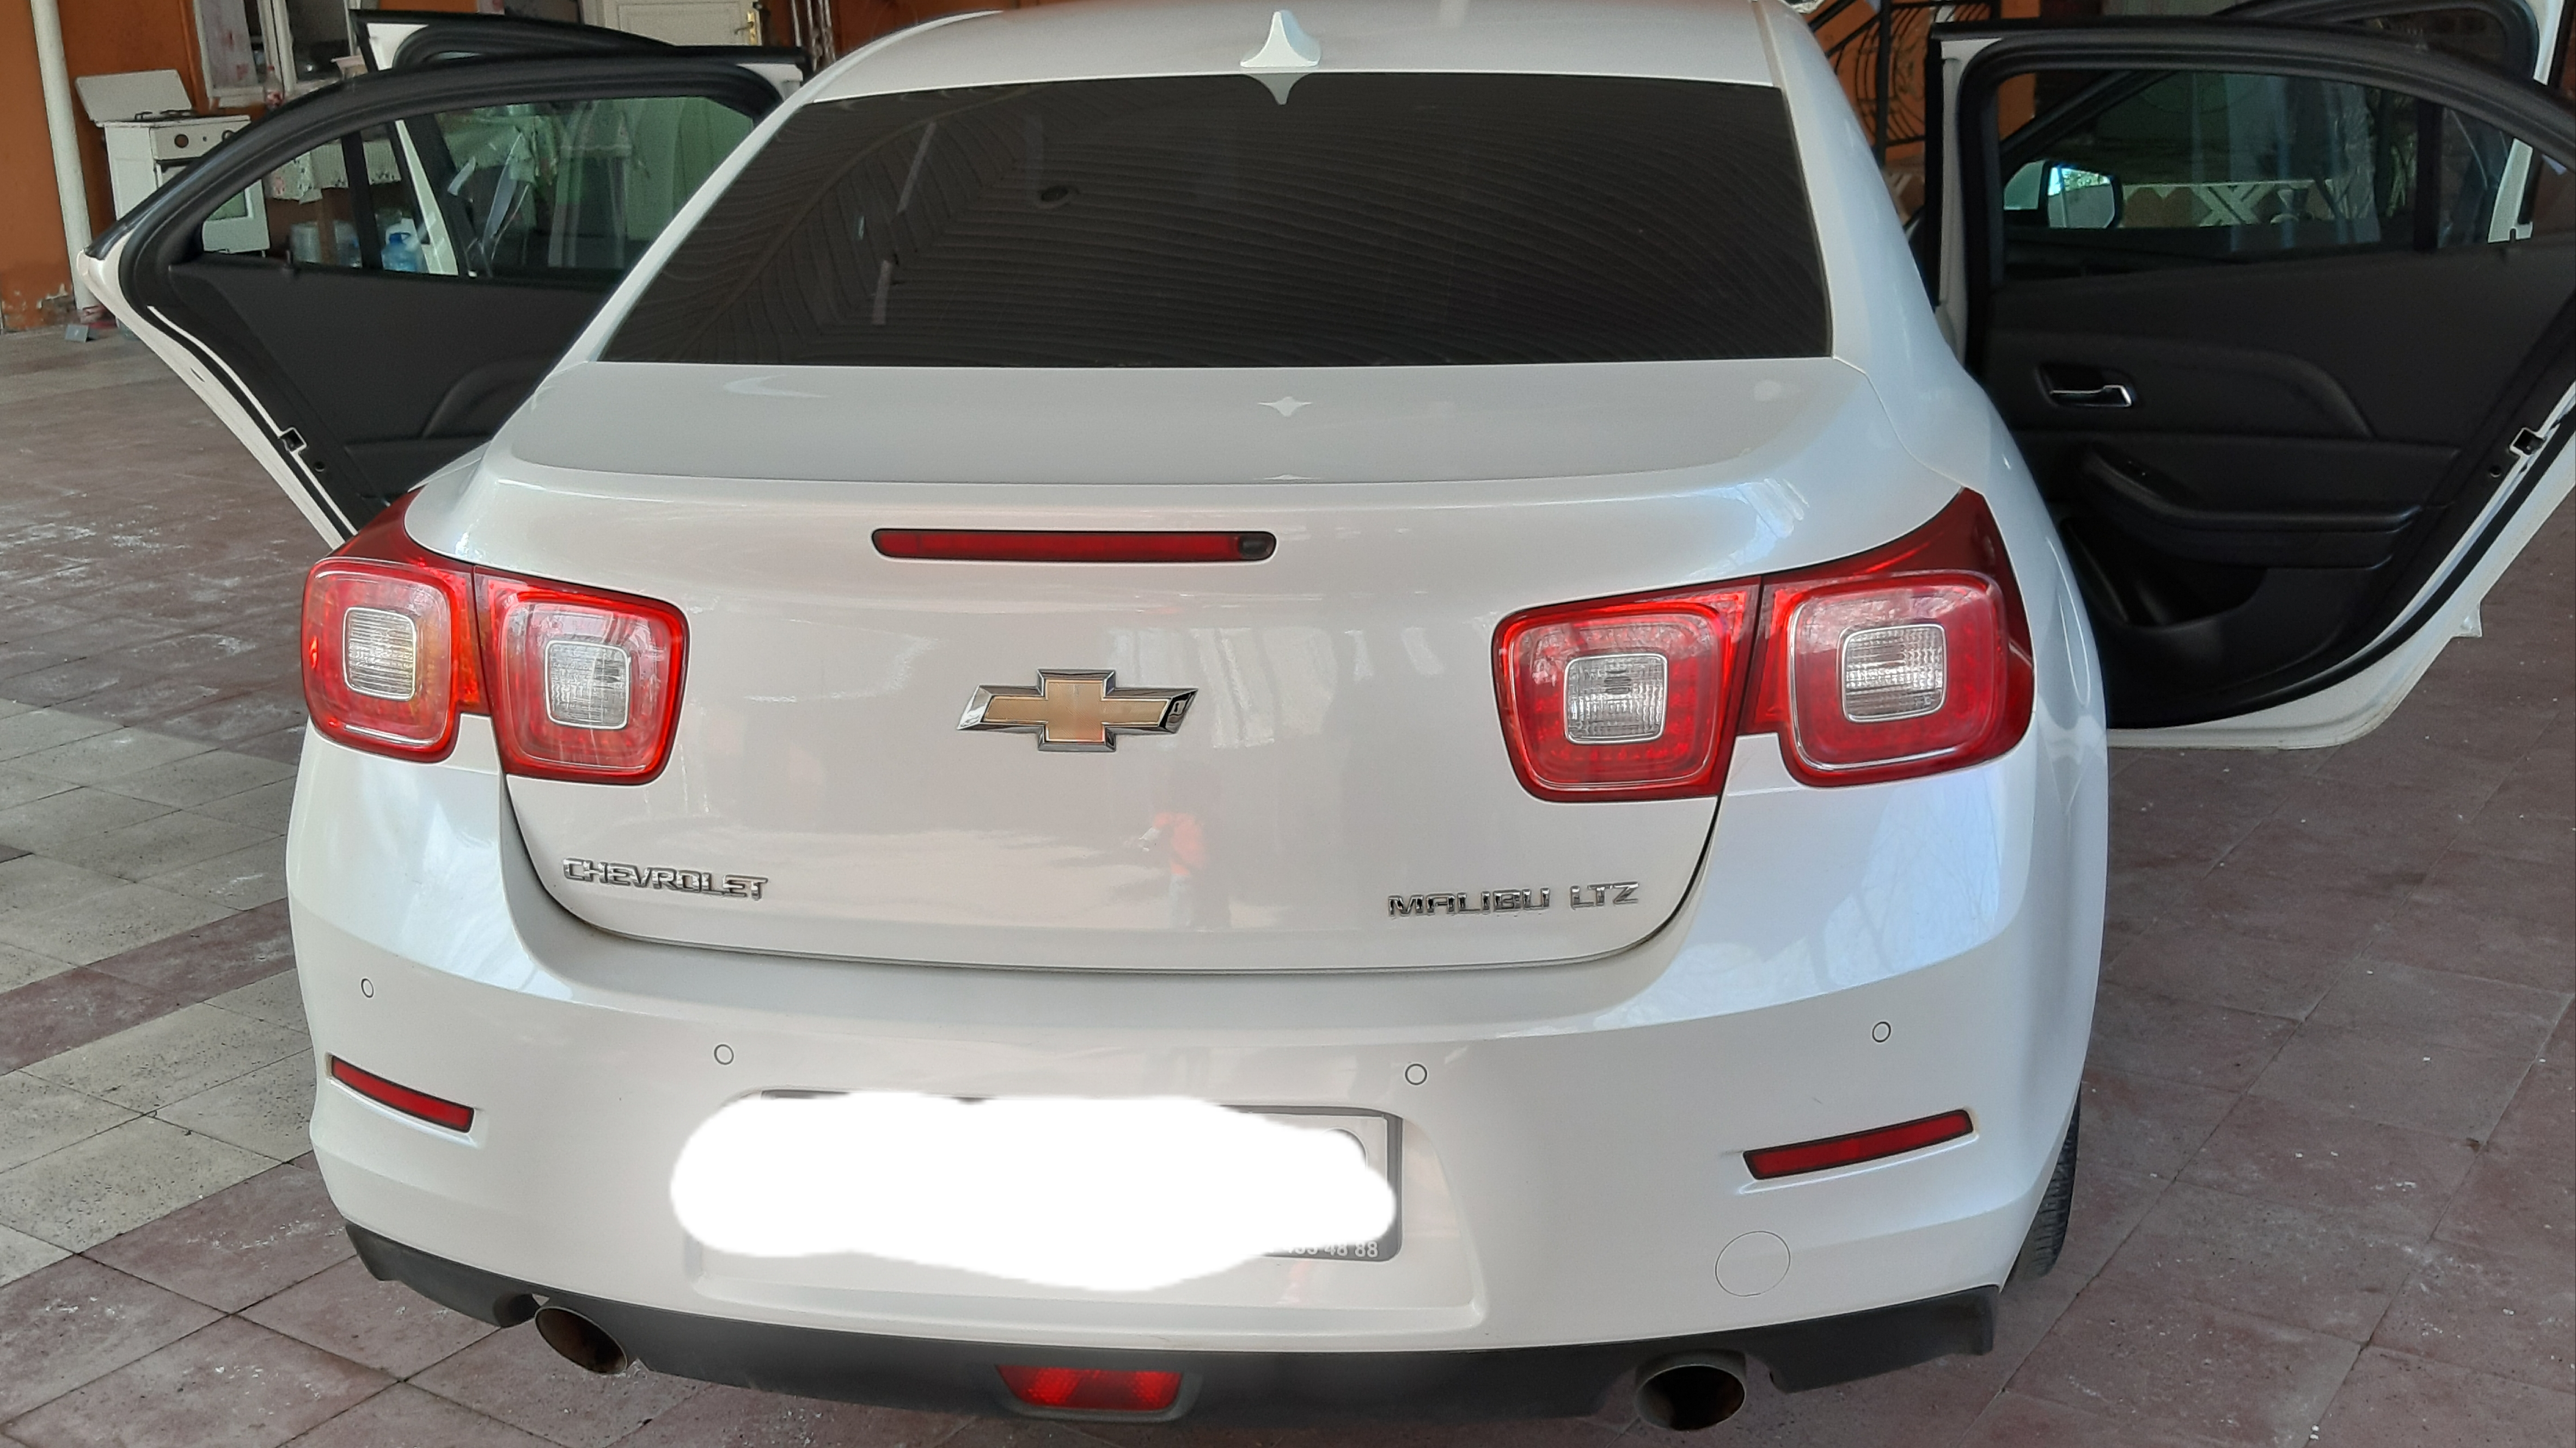 Chevrolet Malibu 2.4(lt) 2013 Подержанный  $23000